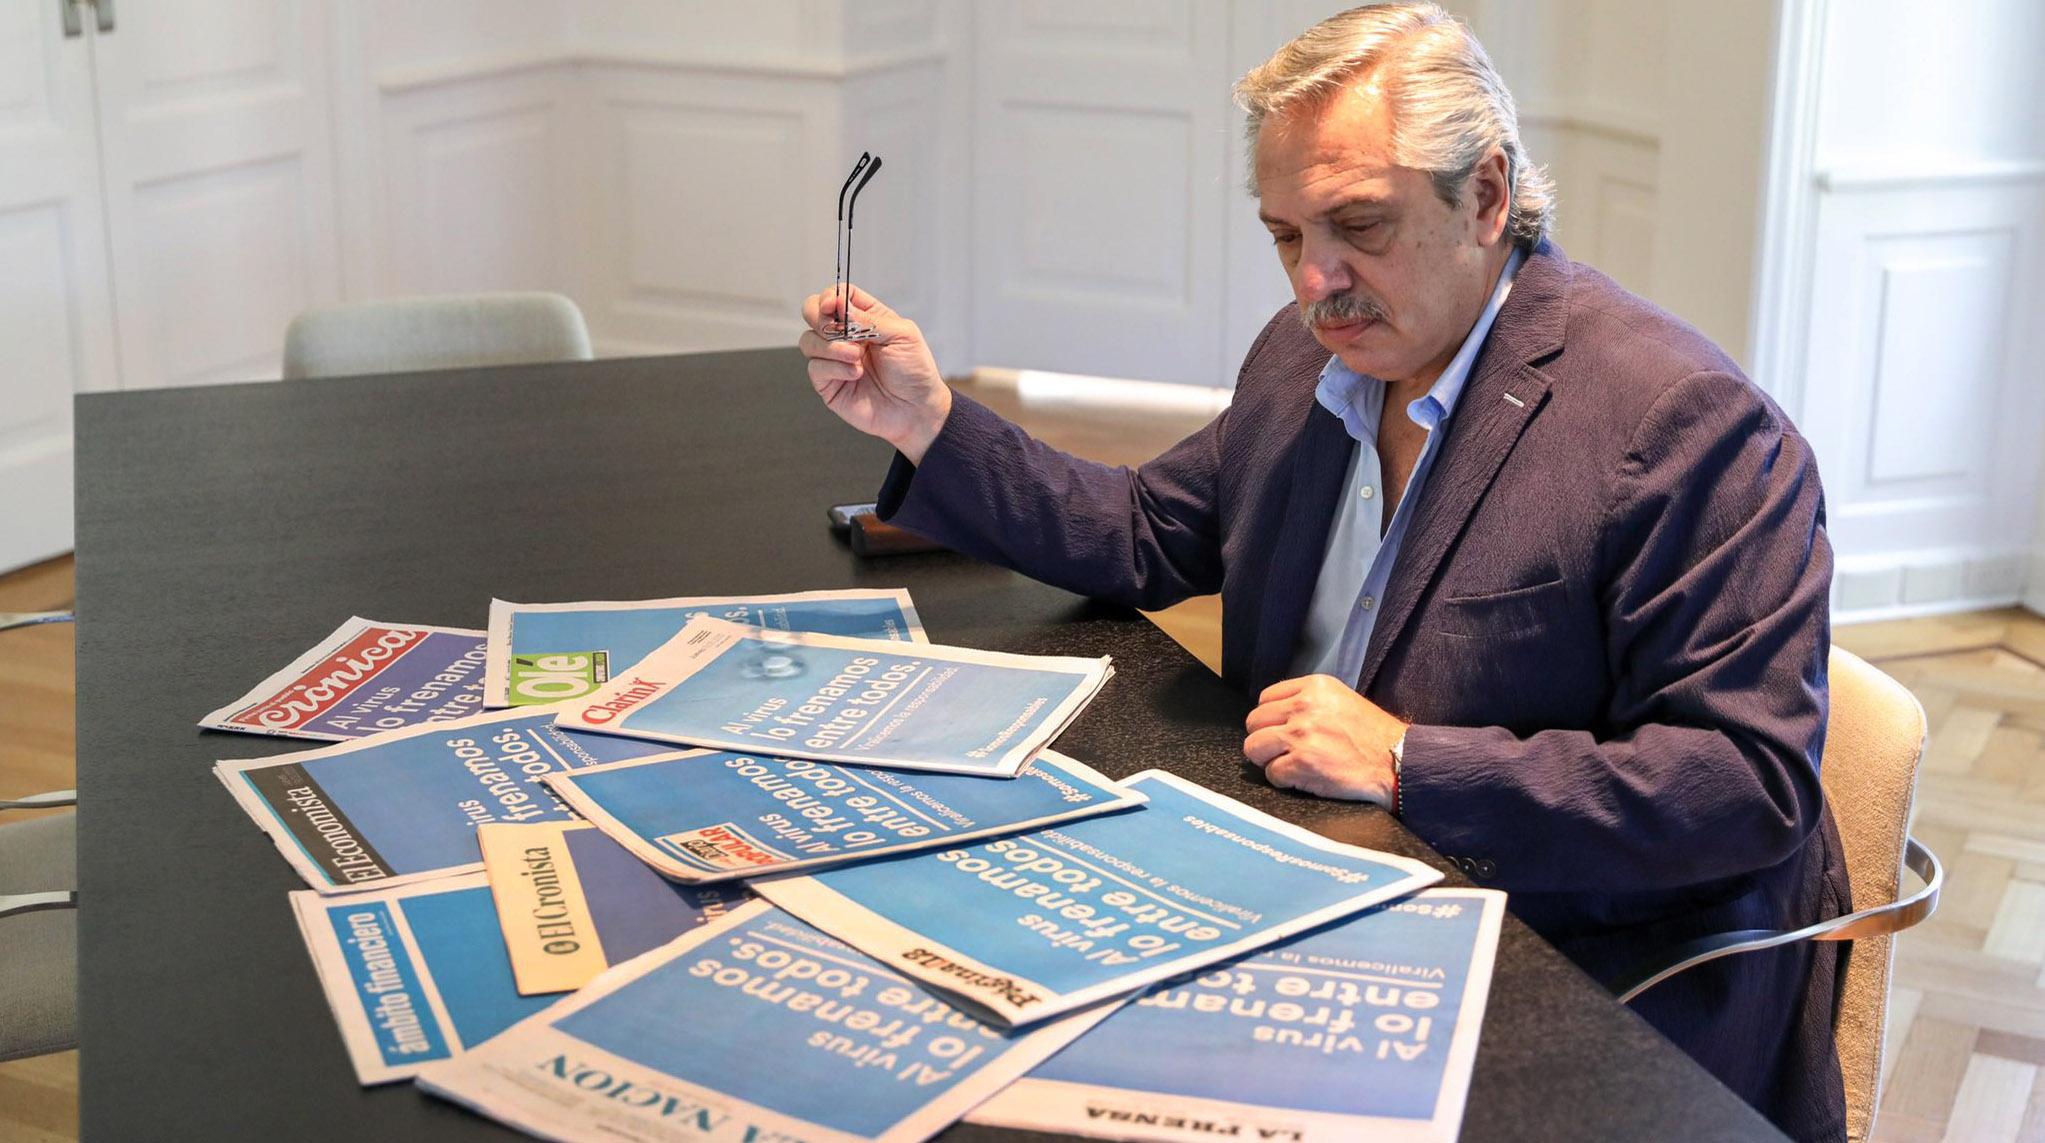 IMAGEM: Presidente da Argentina pede desculpas por declaração racista